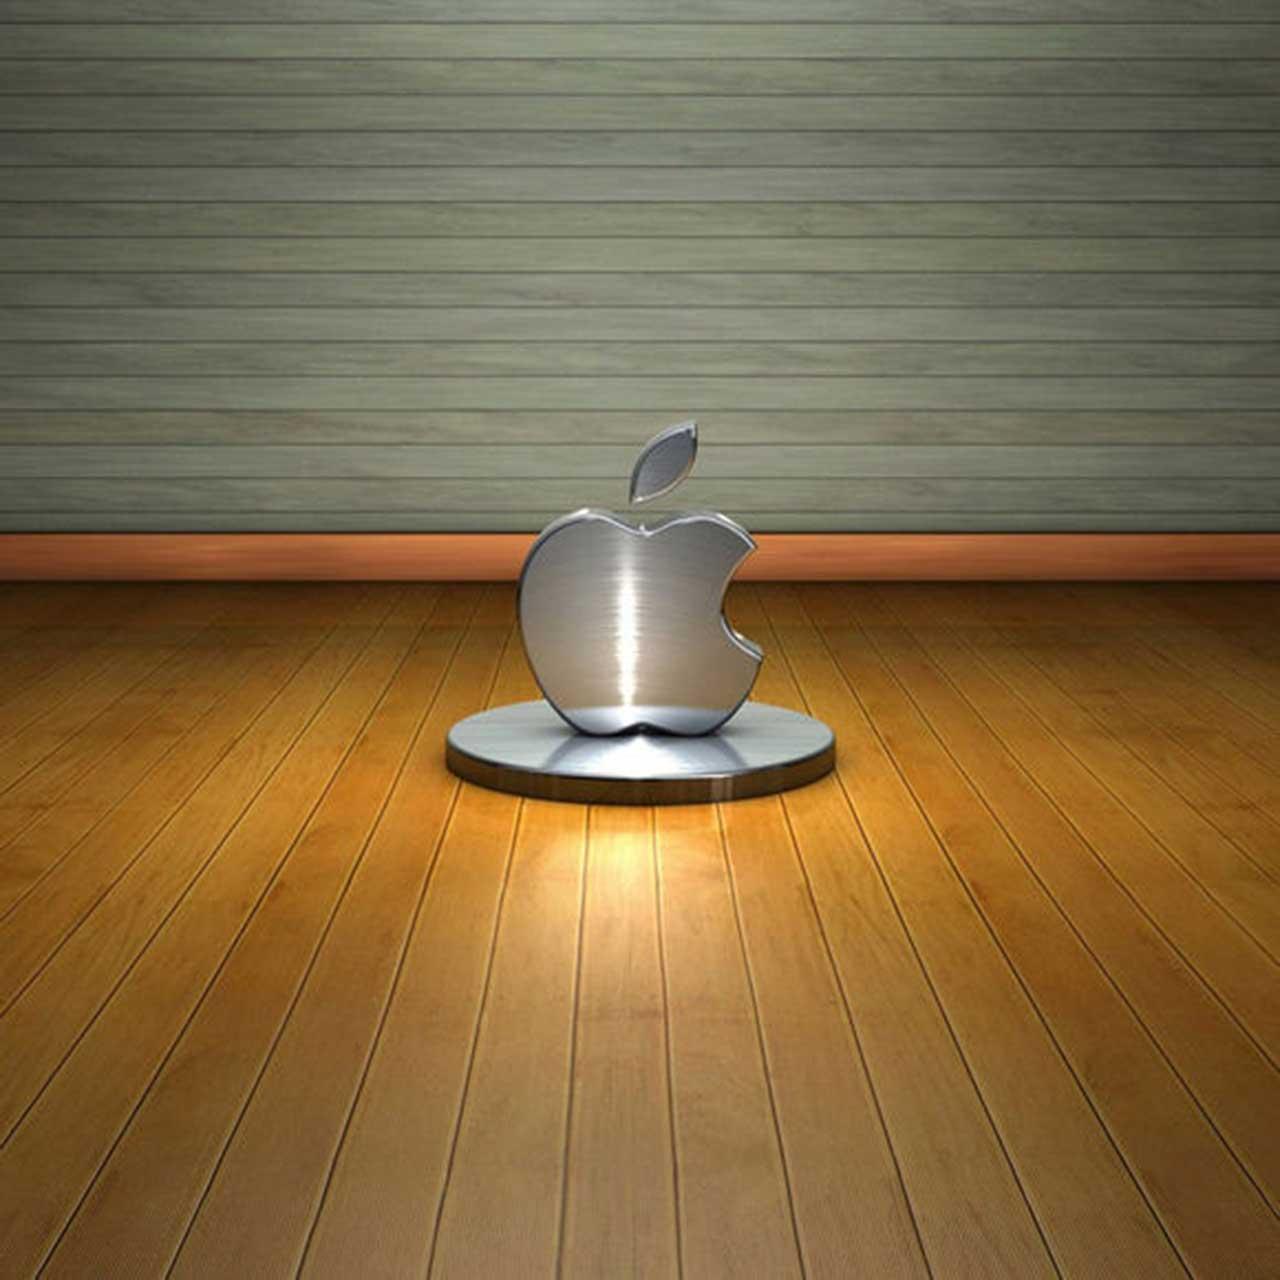 3d apple logo ipad Wallpaper